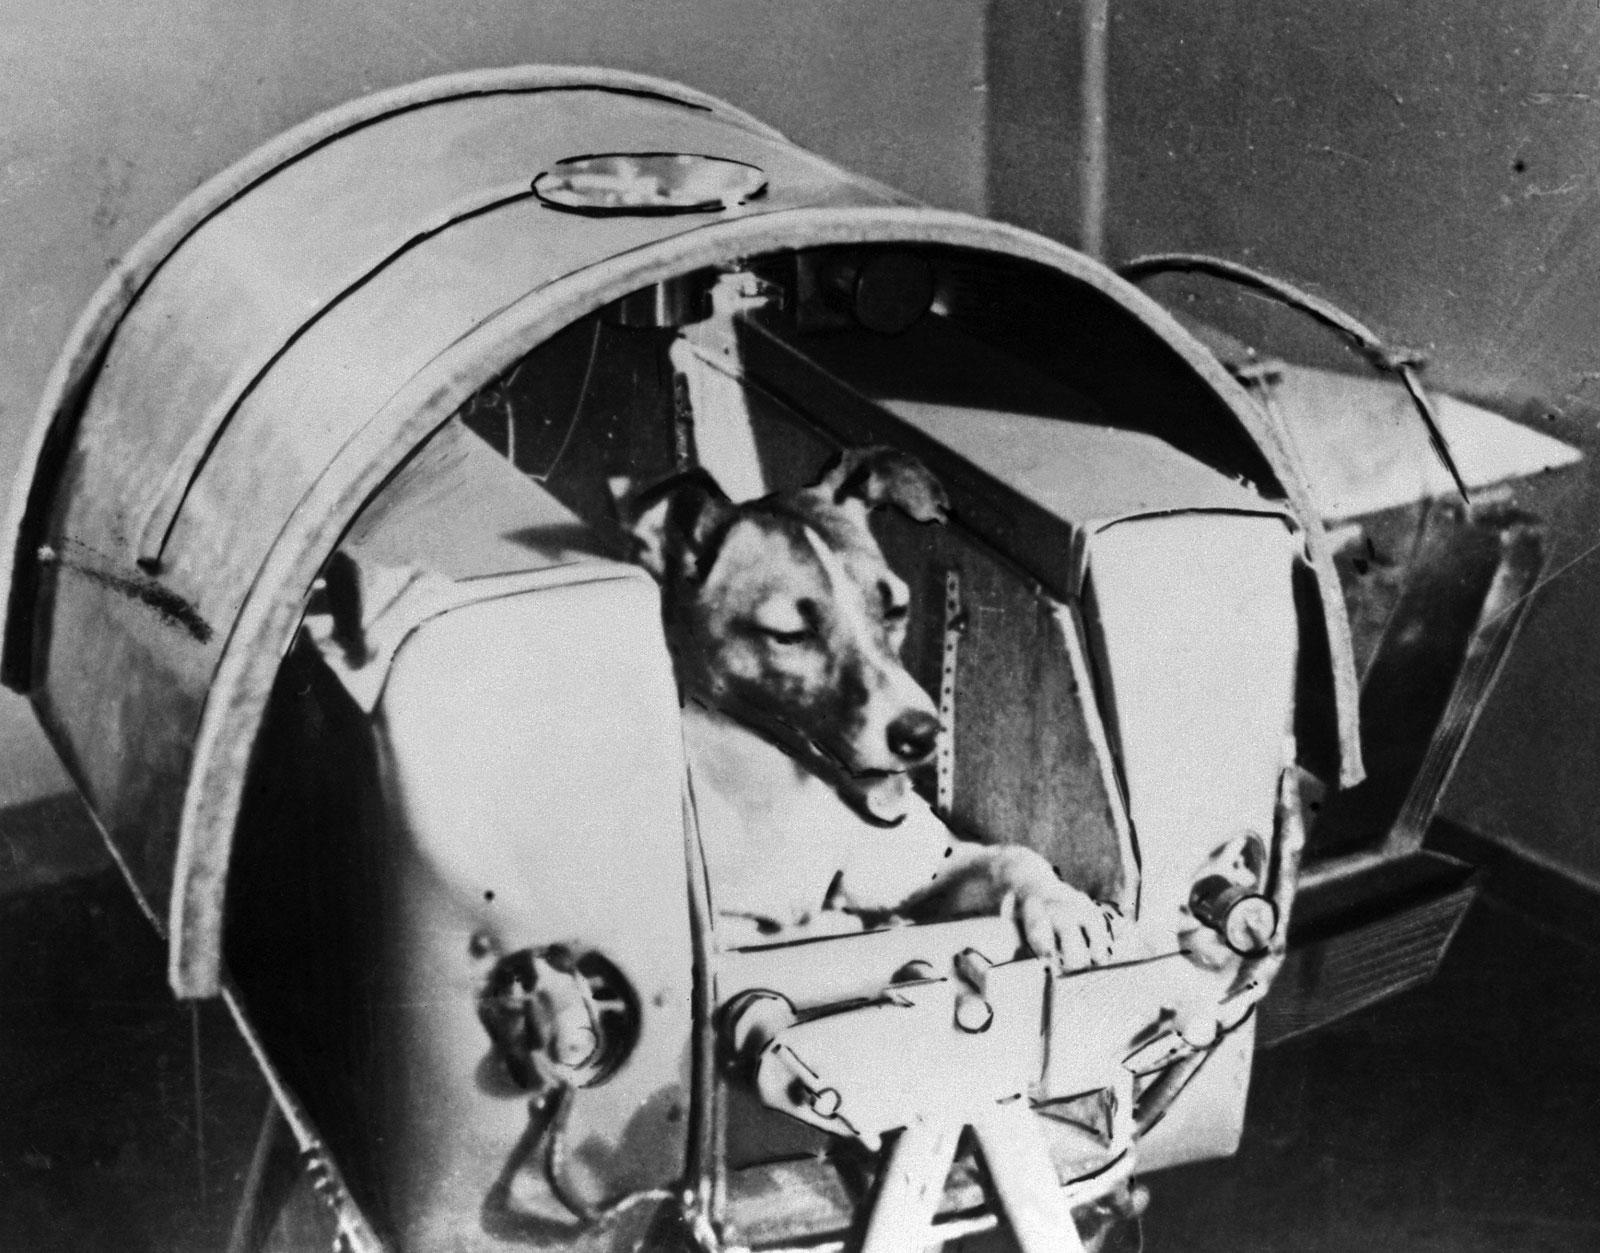 La perra Laika en el interior del Sputnik ruso